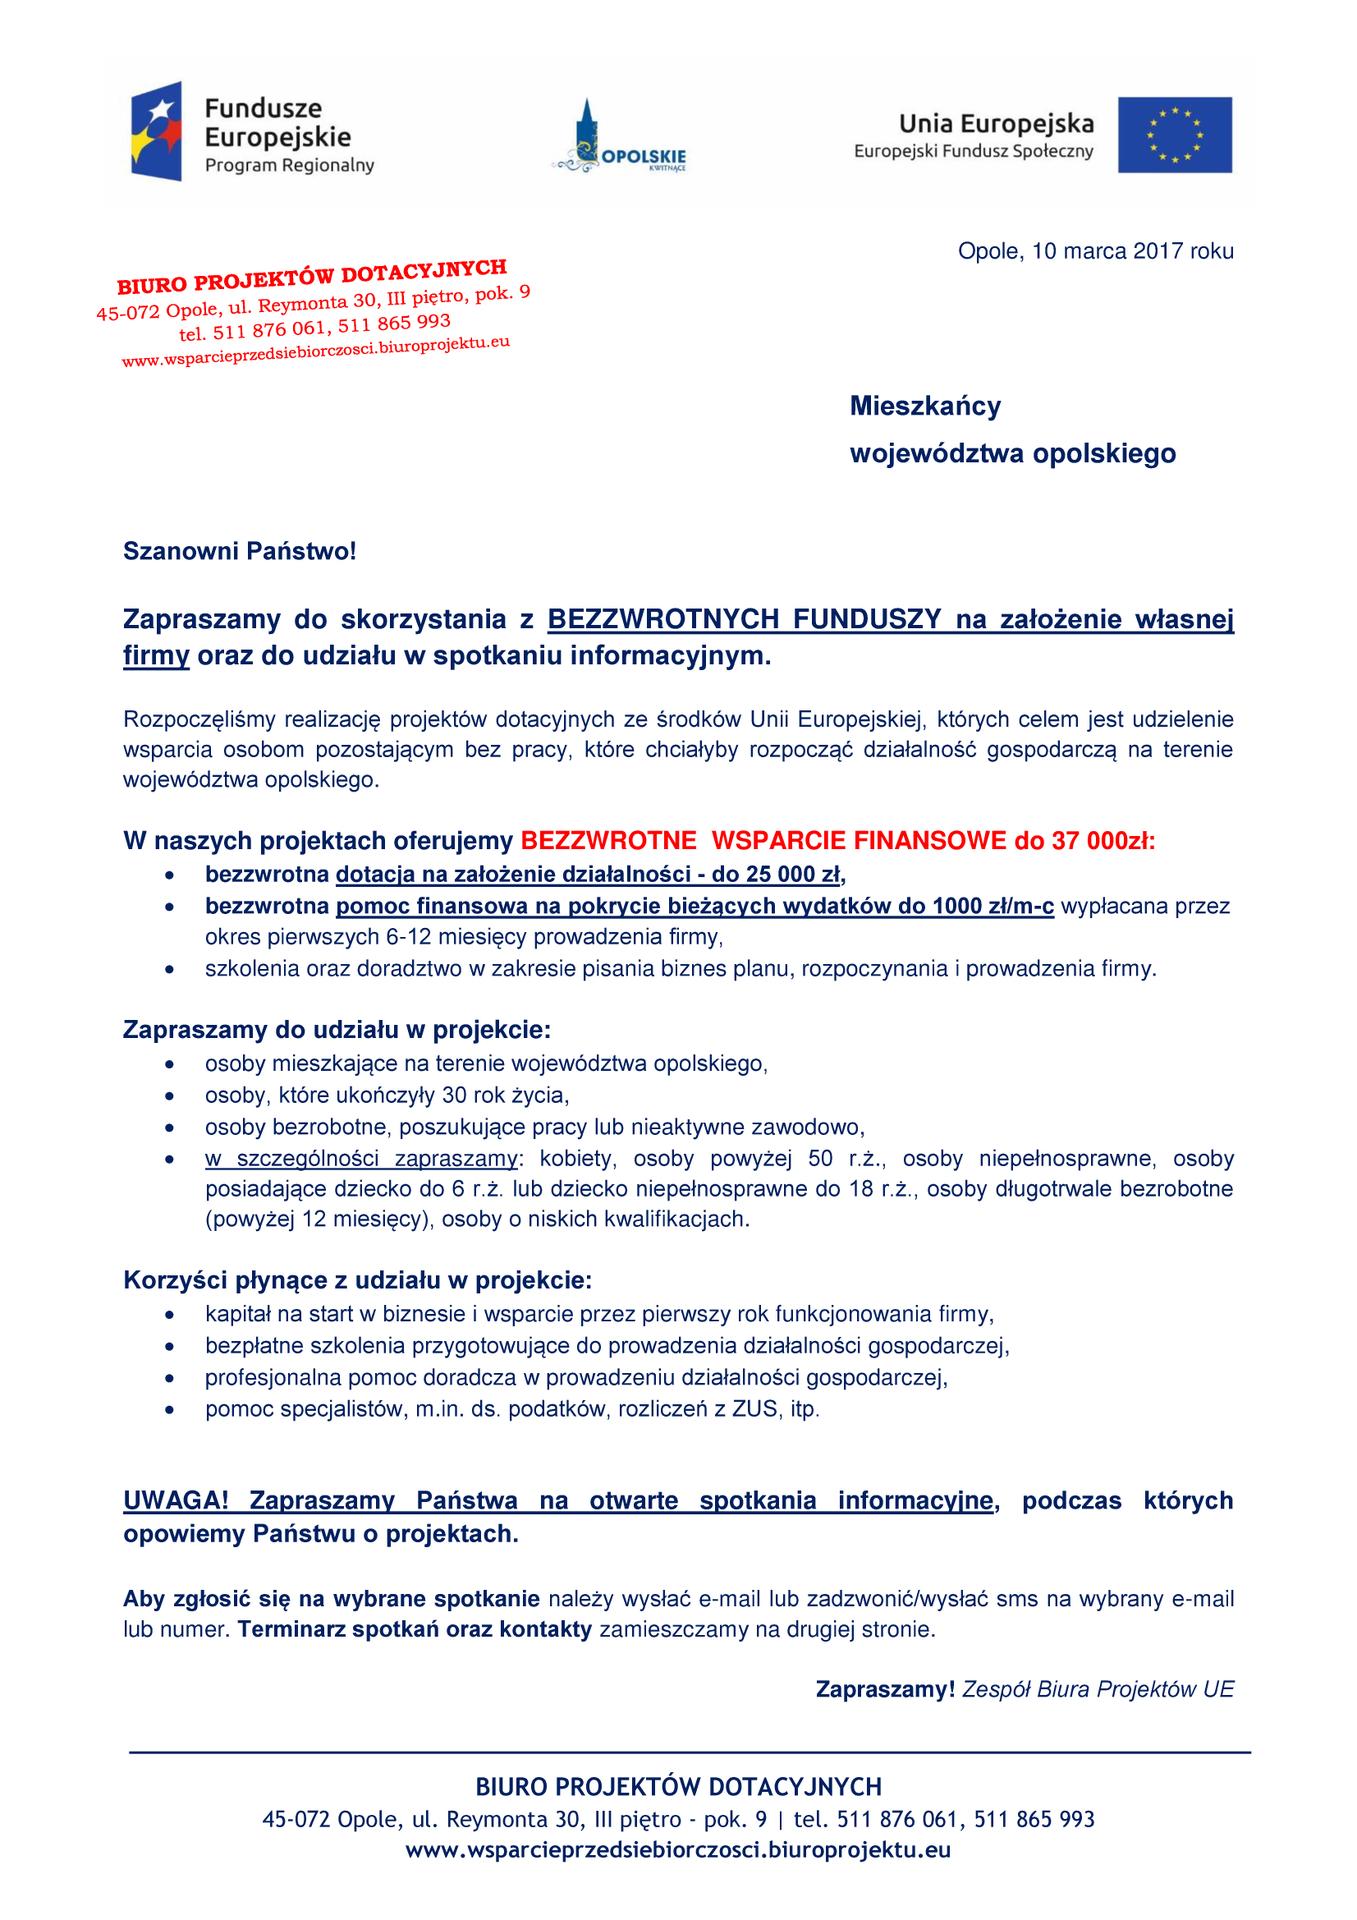 ulotka_informacyjna-1.jpeg